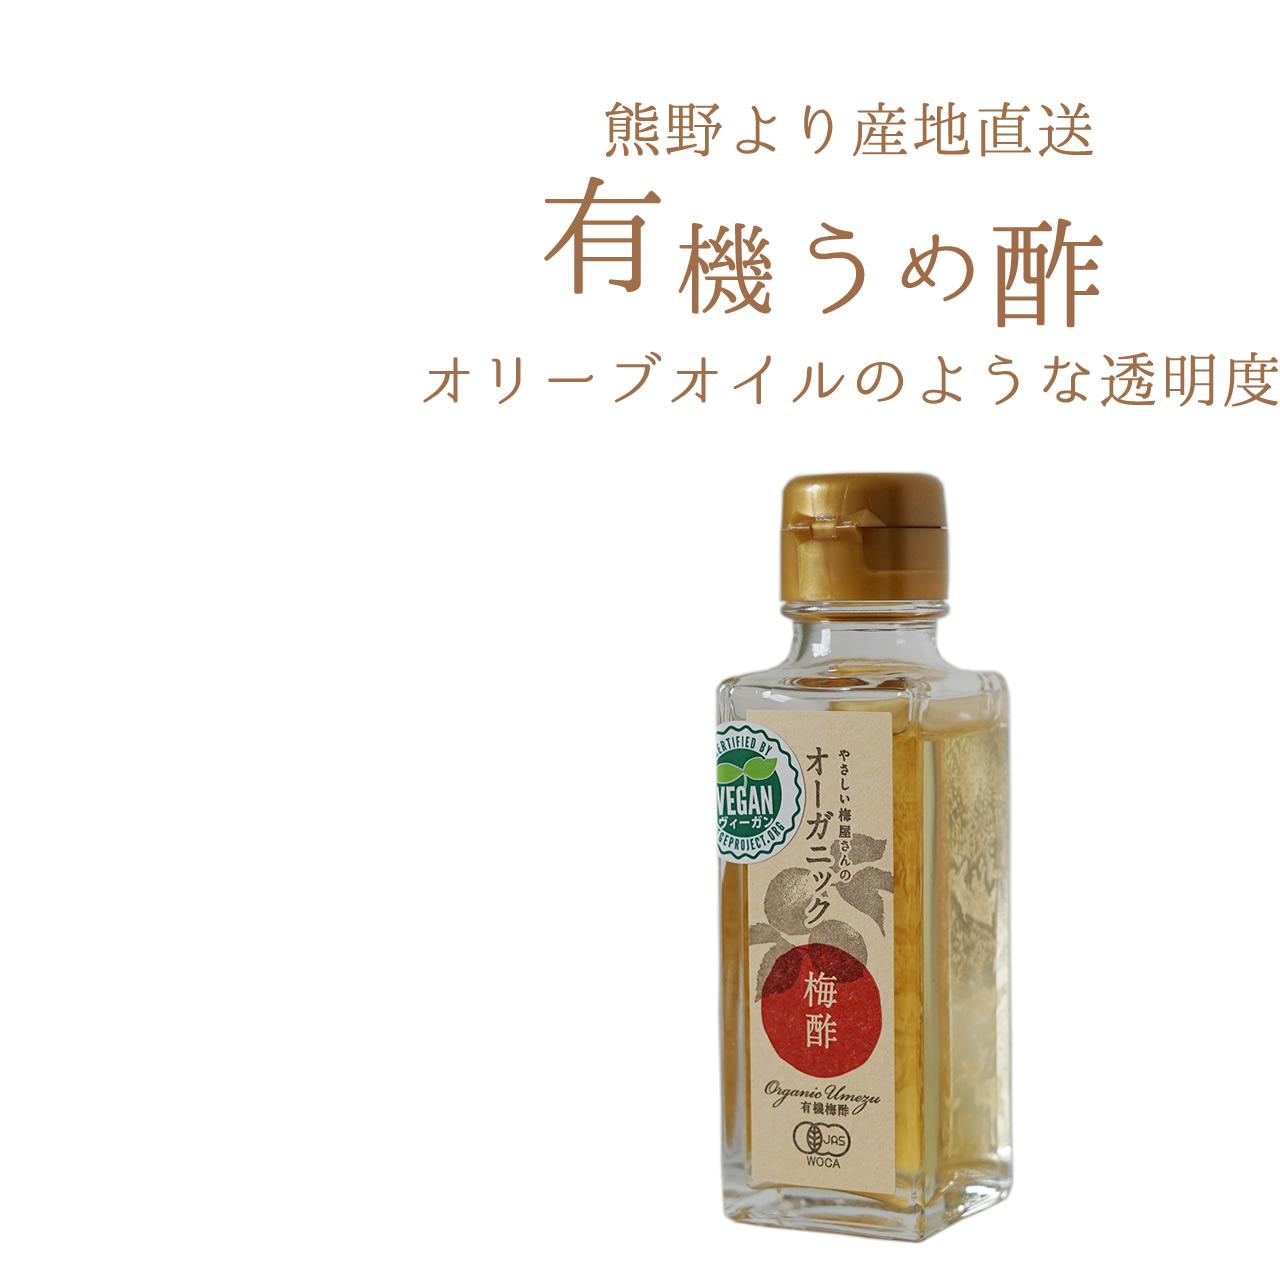 熊野より産地直送する有機梅酢